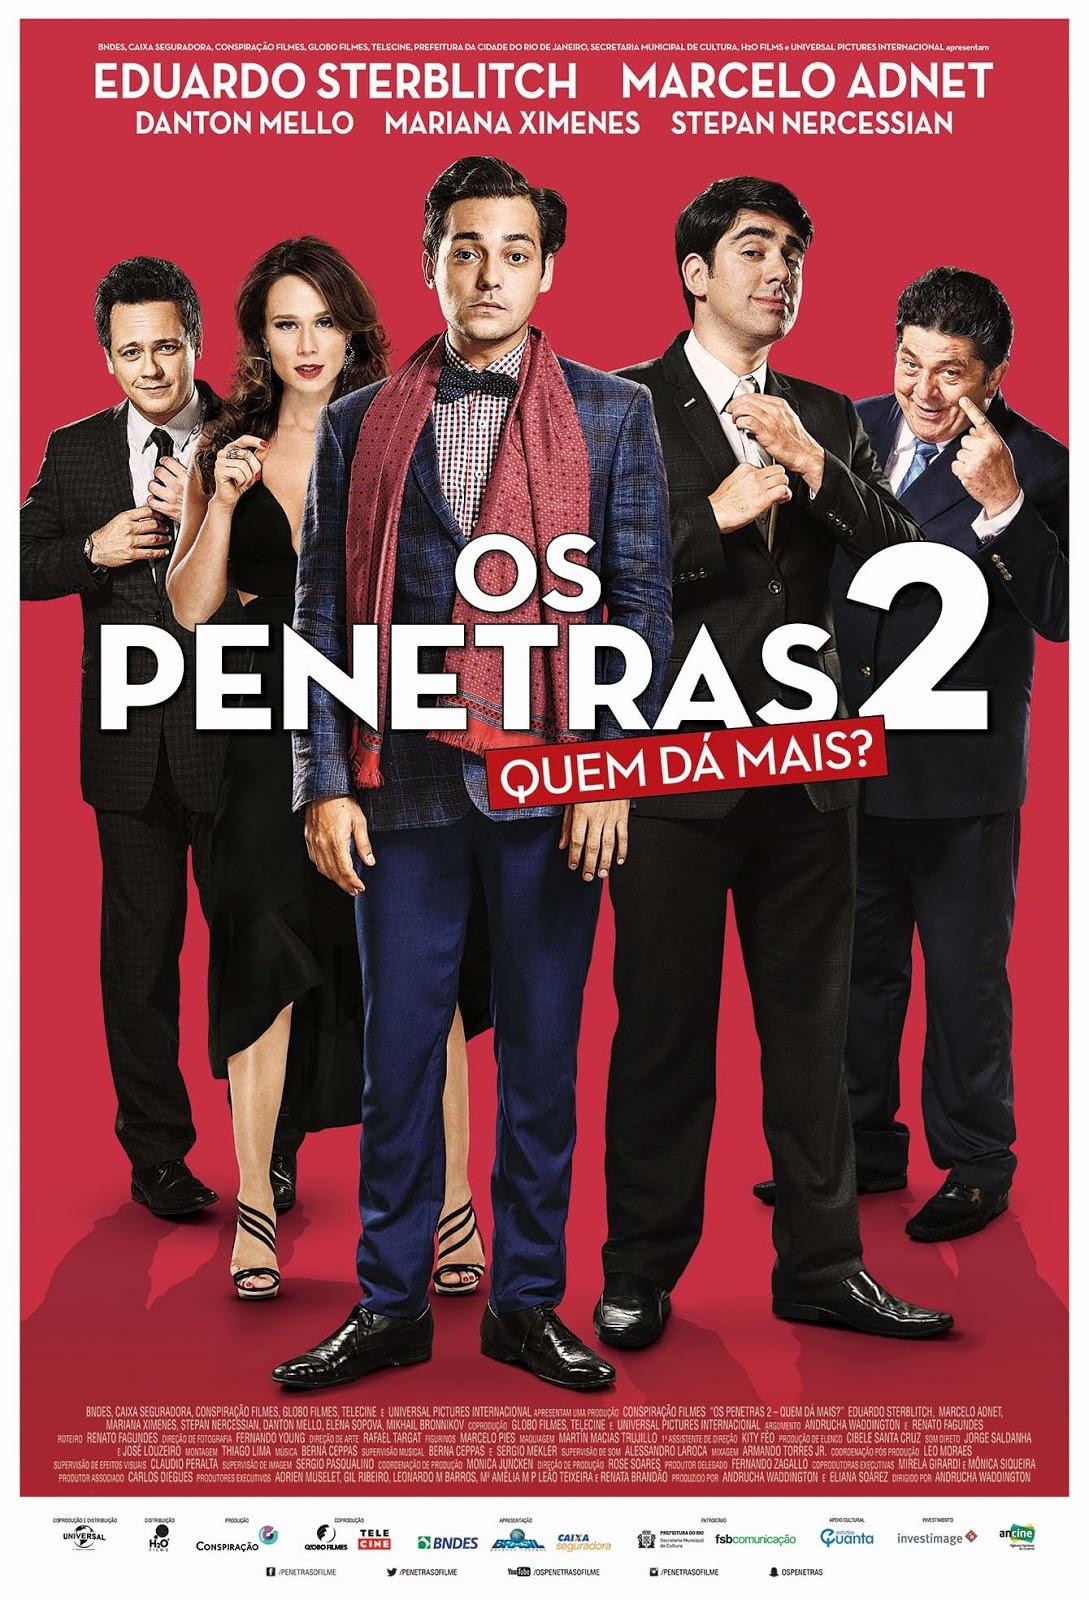 Os Penetras 2: Quem Dá Mais? [Nac] – IMDB 4.4